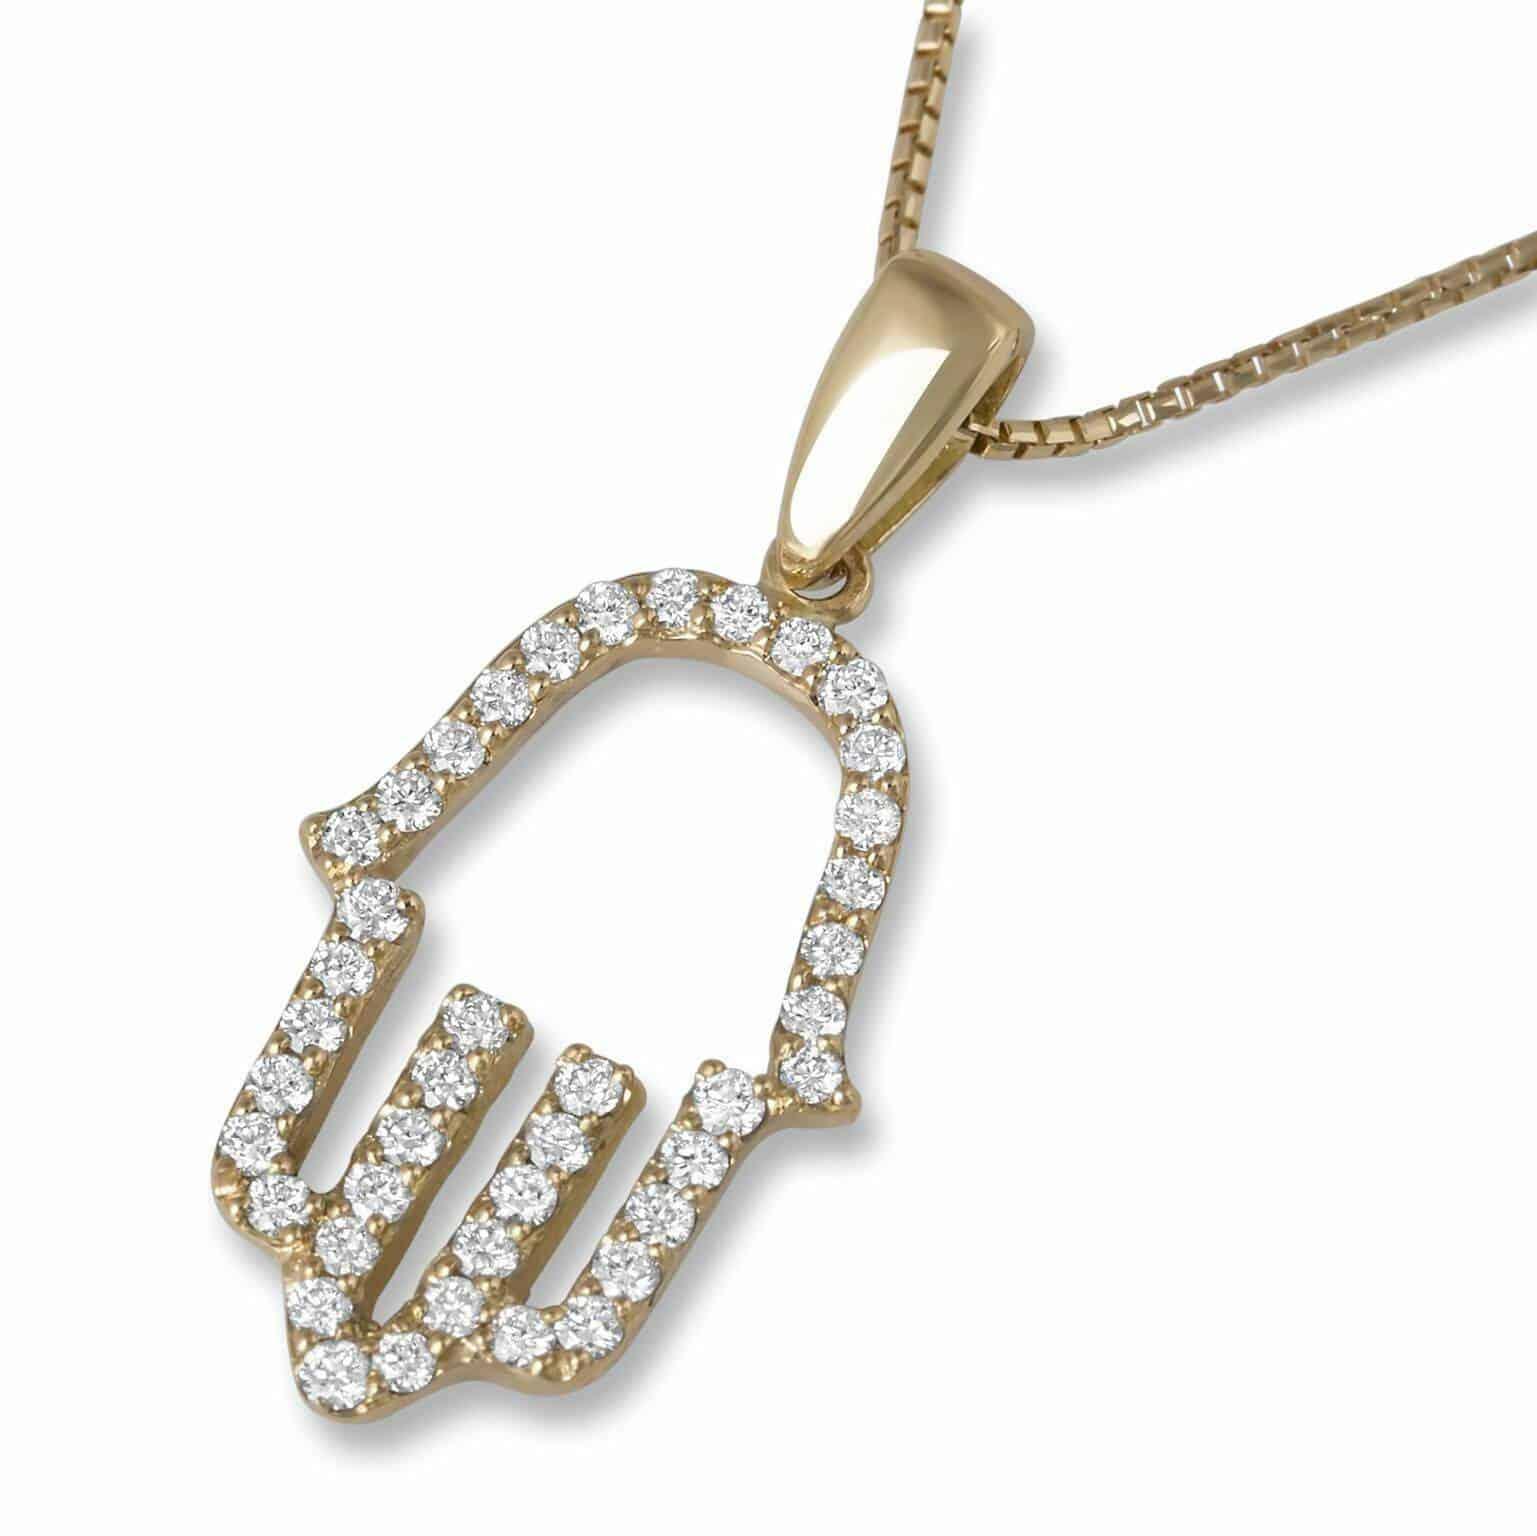 Colgante Hamsa de Oro Amarillo de 18 Quilates con Diamantes Brillantes